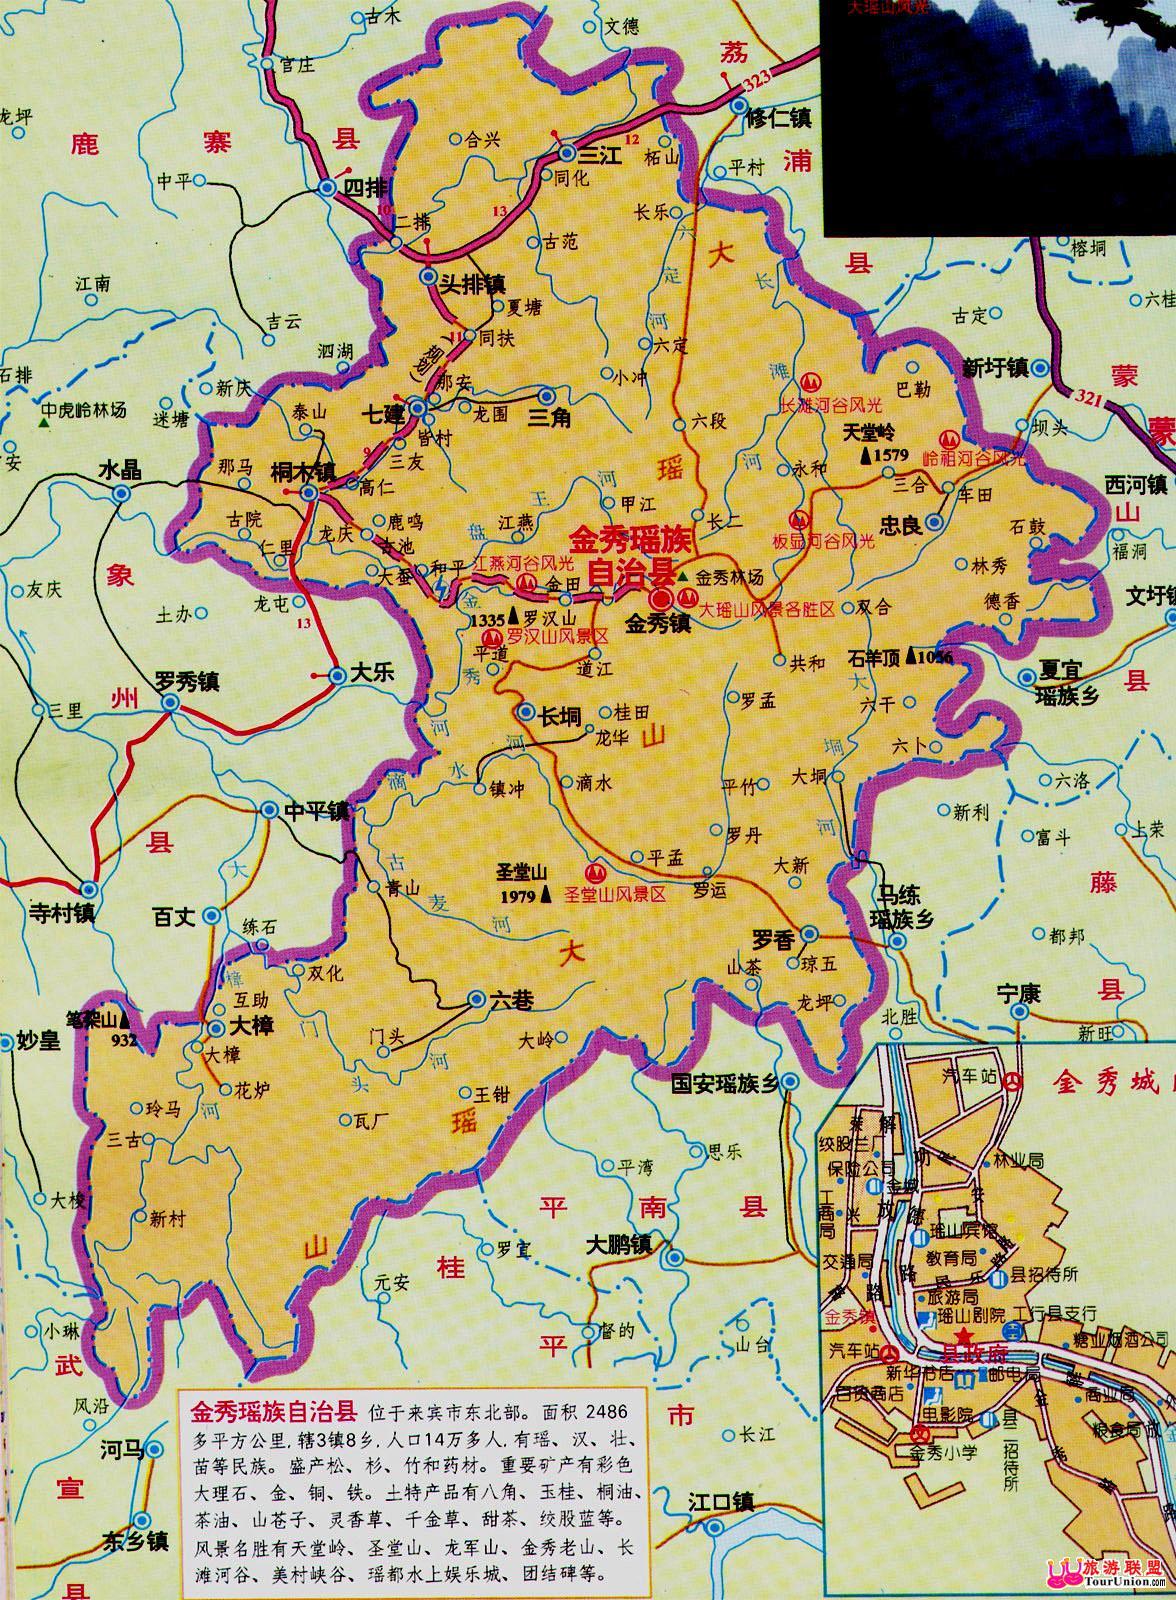 金秀电子地图·金秀风光图库·图行来宾·图行